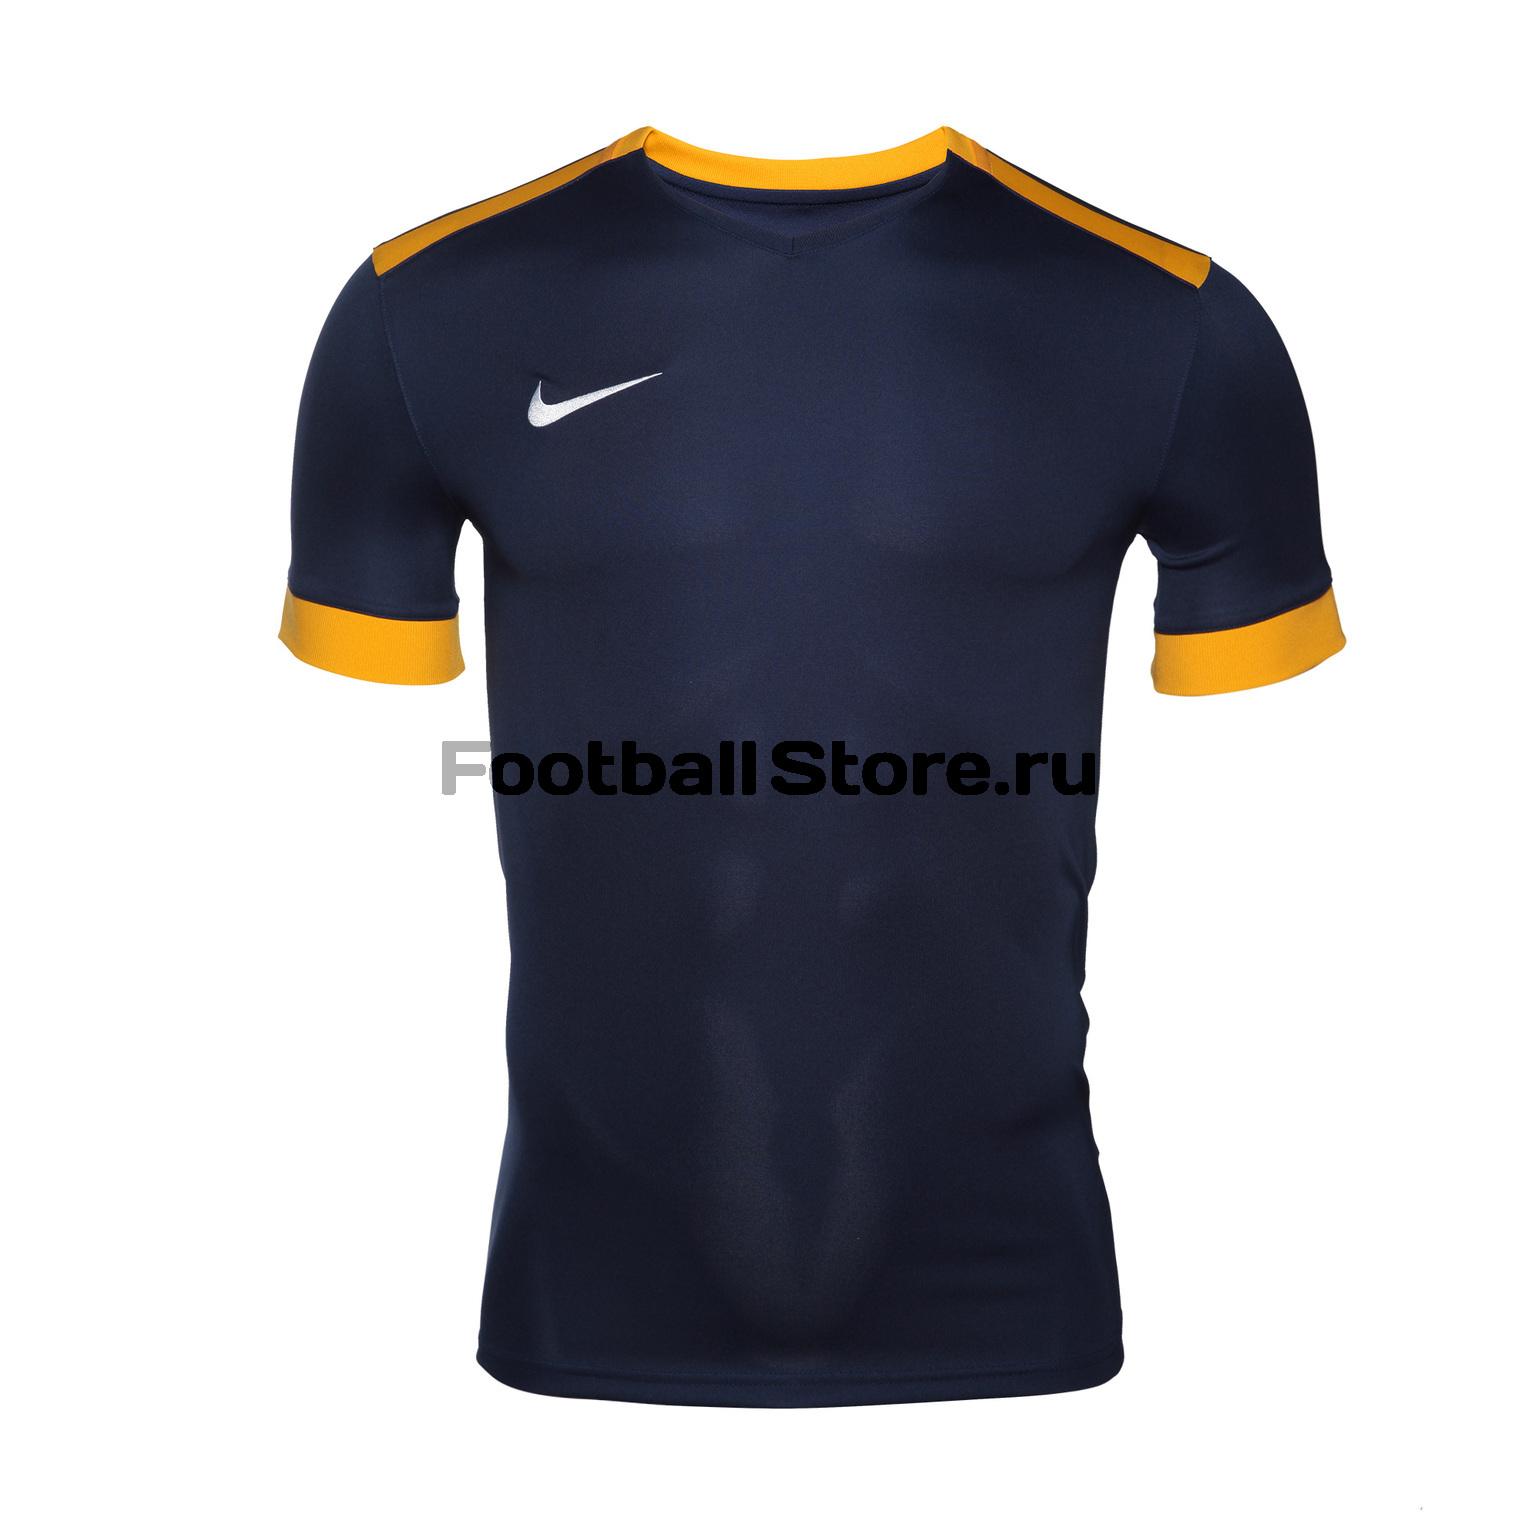 Футболки Nike Футболка игровая Nike Park Derby II JSY SS 894312-410